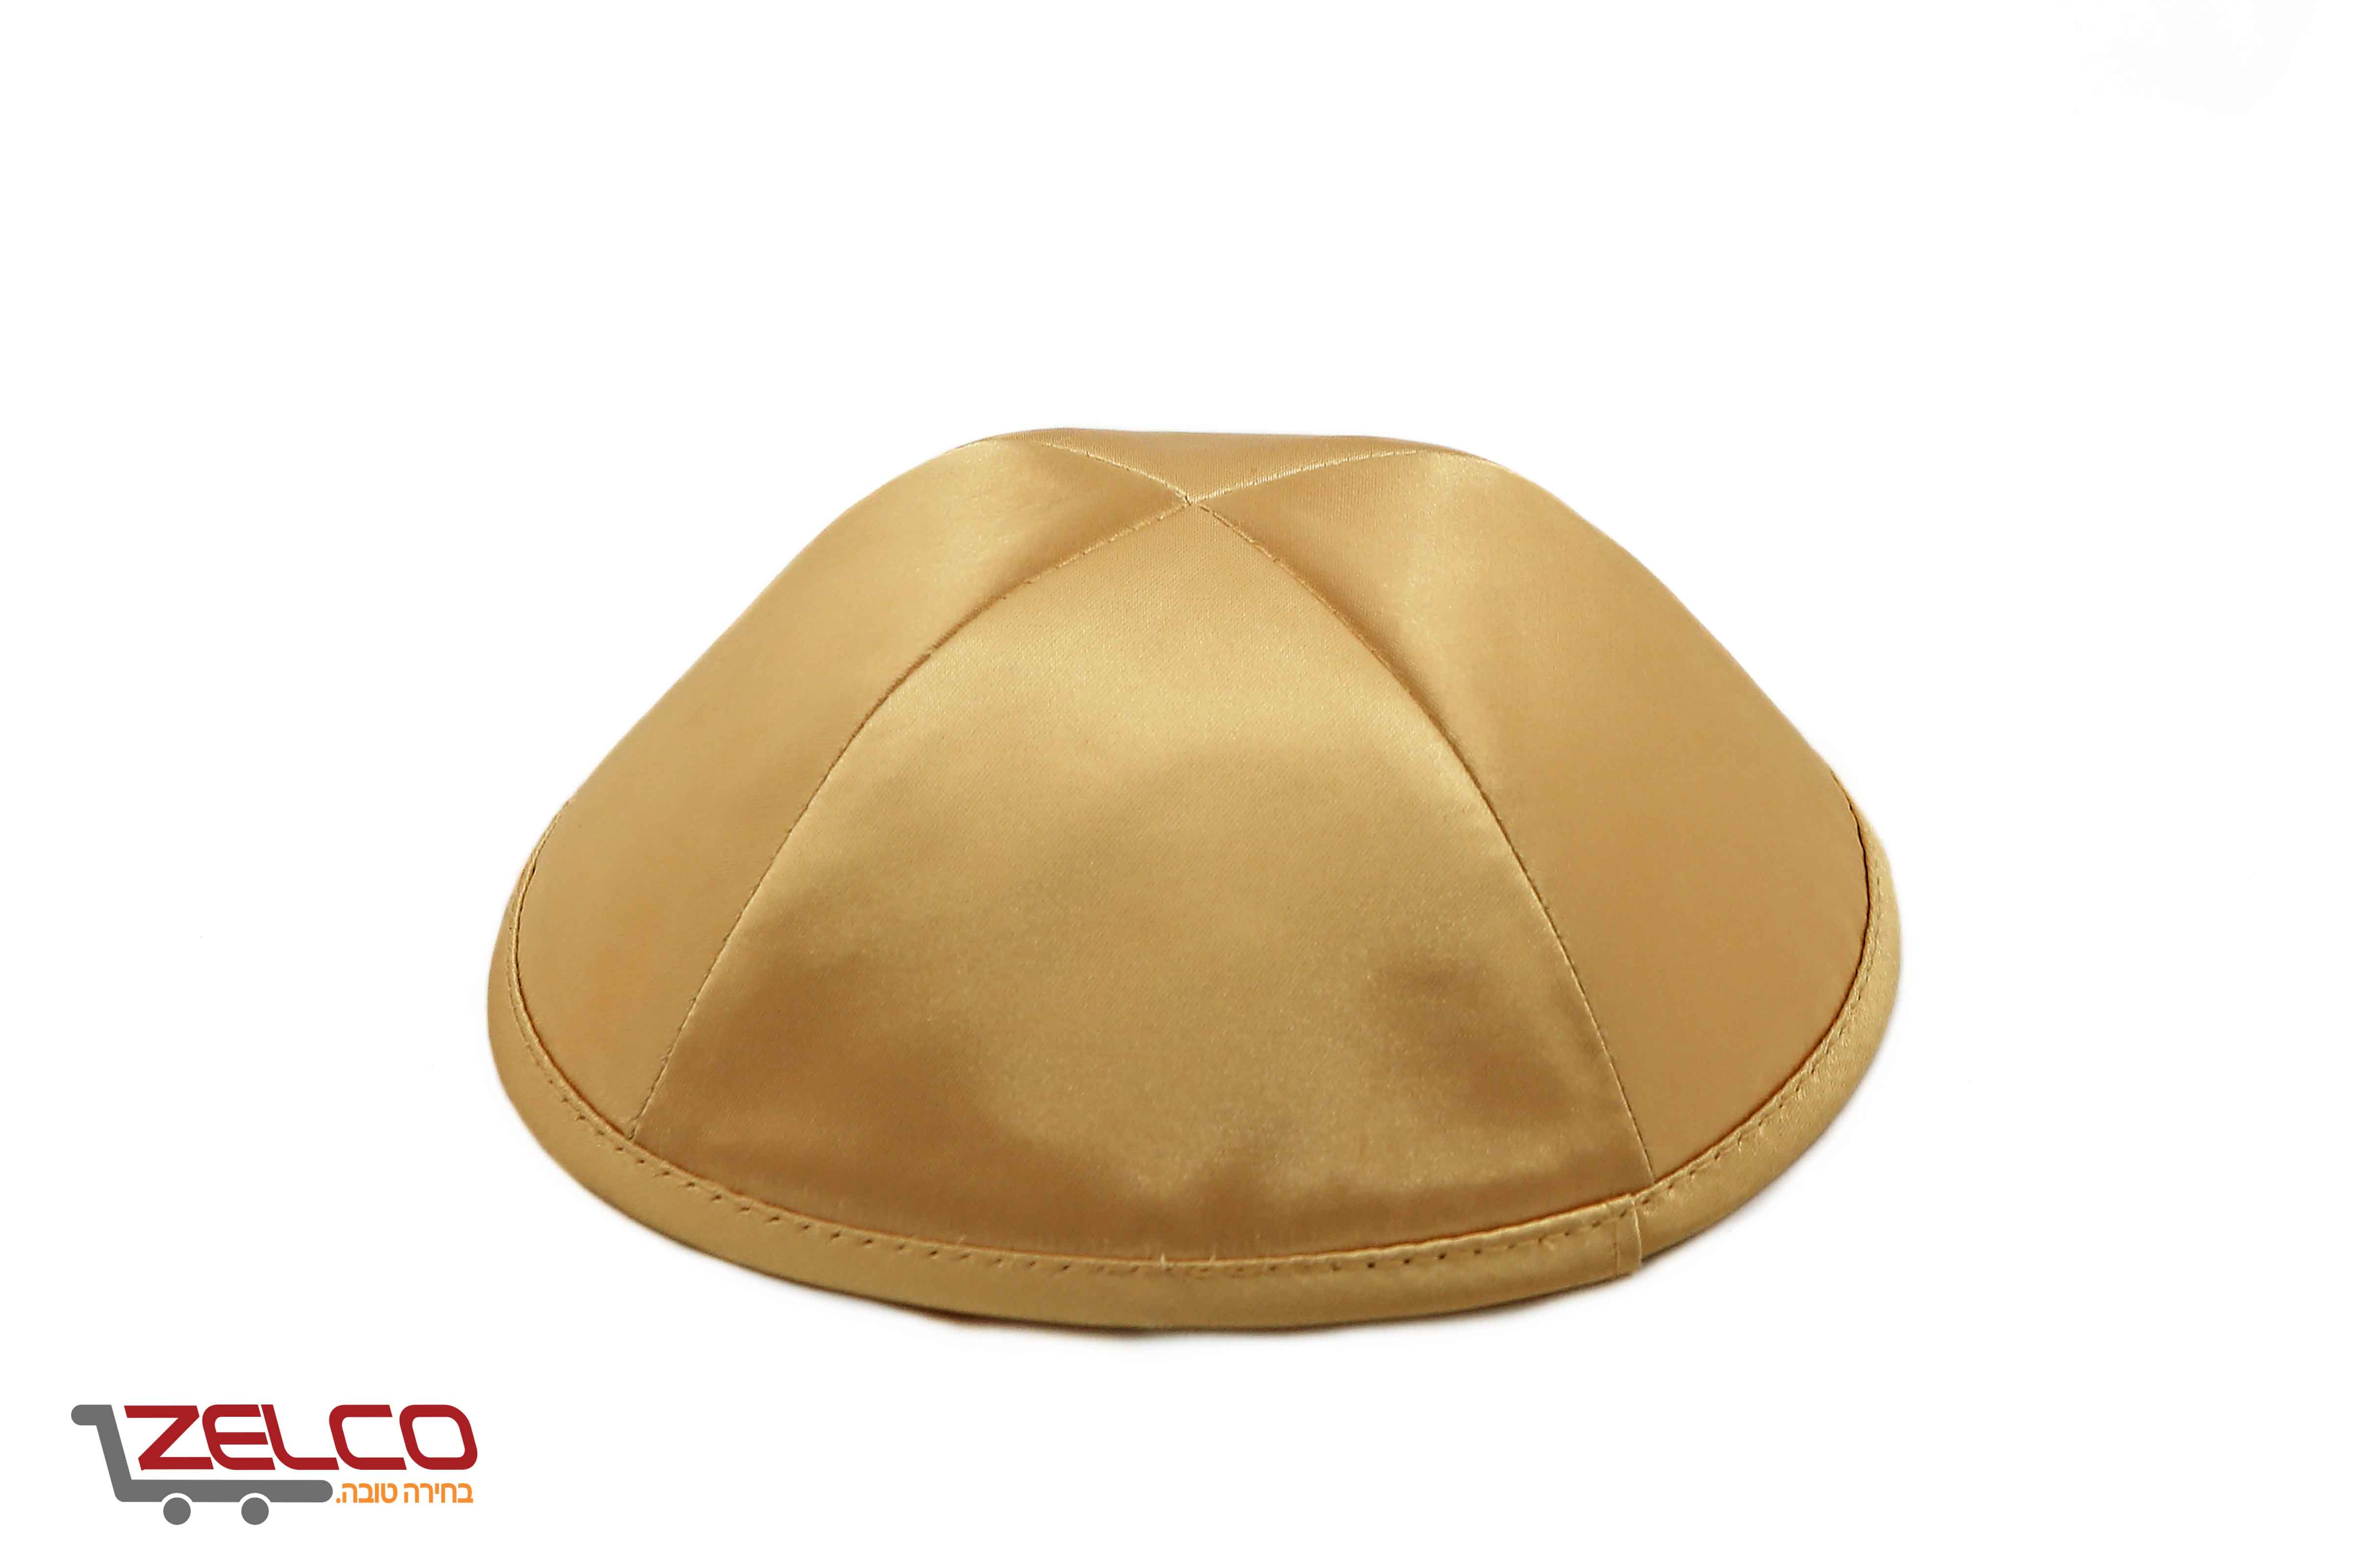 כיפה סאטן בצבע זהב